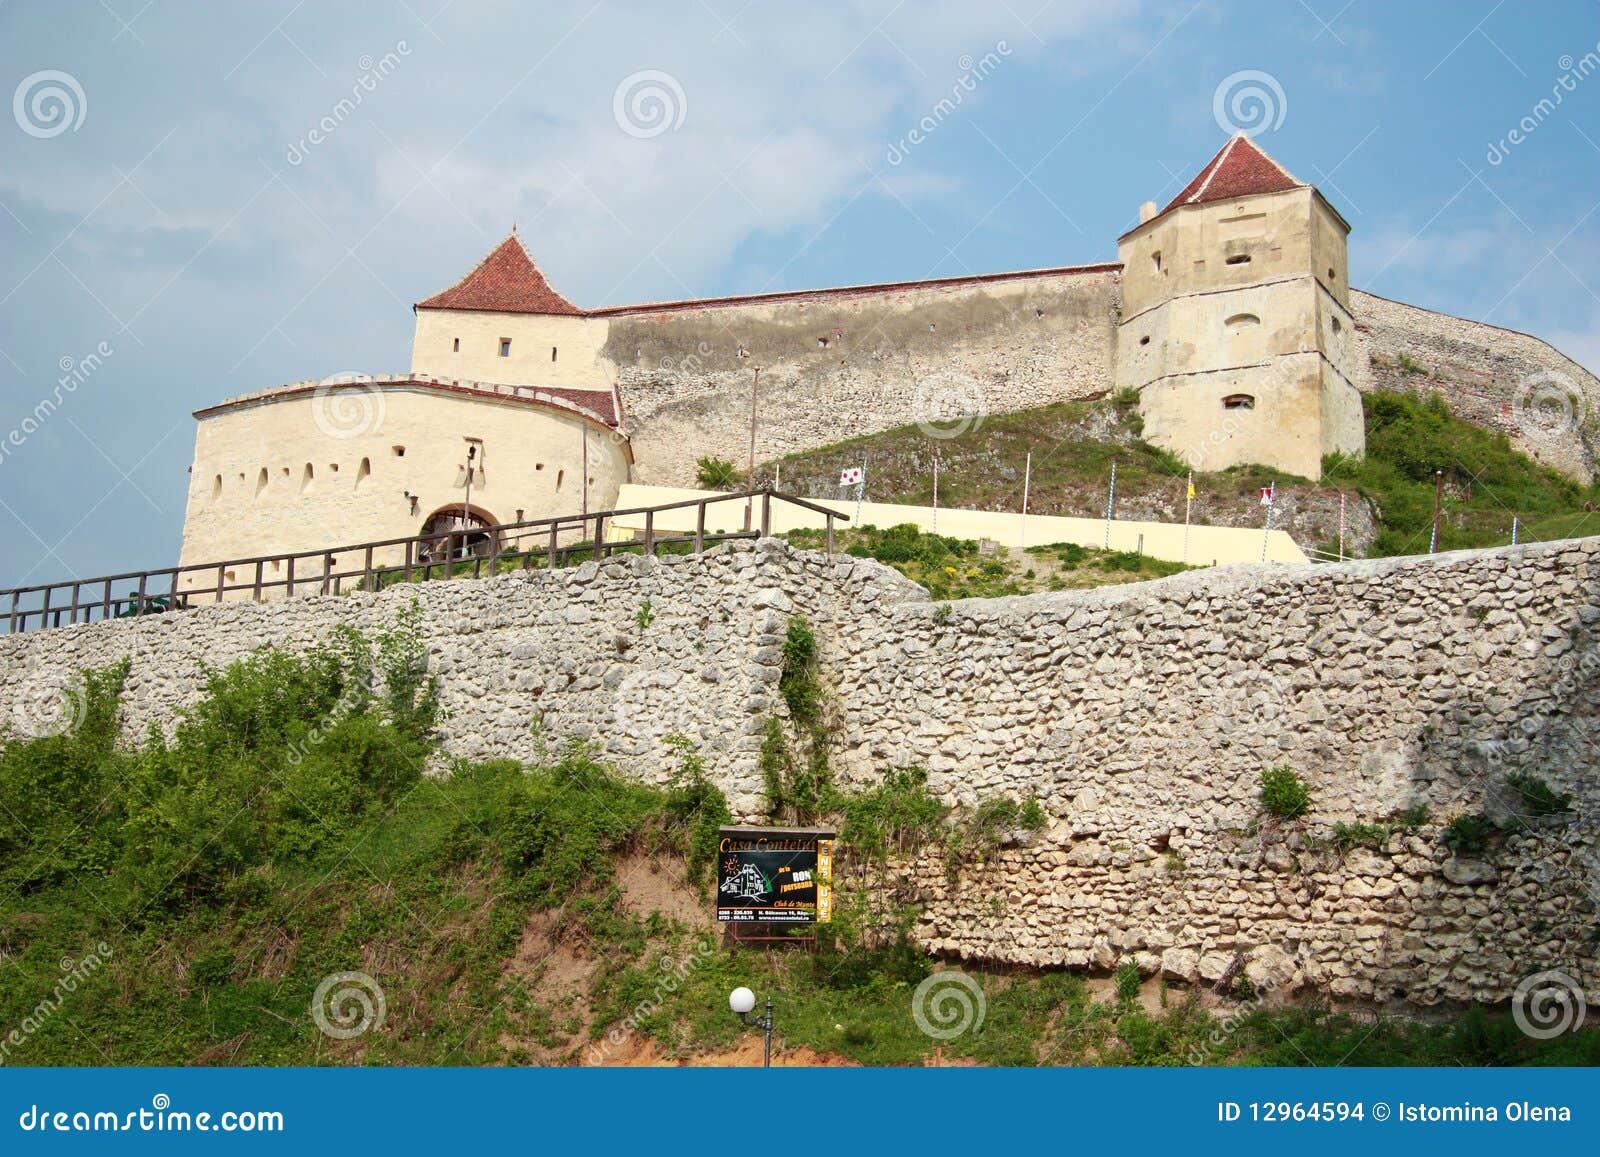 Medieval fortress rasnov, Romania